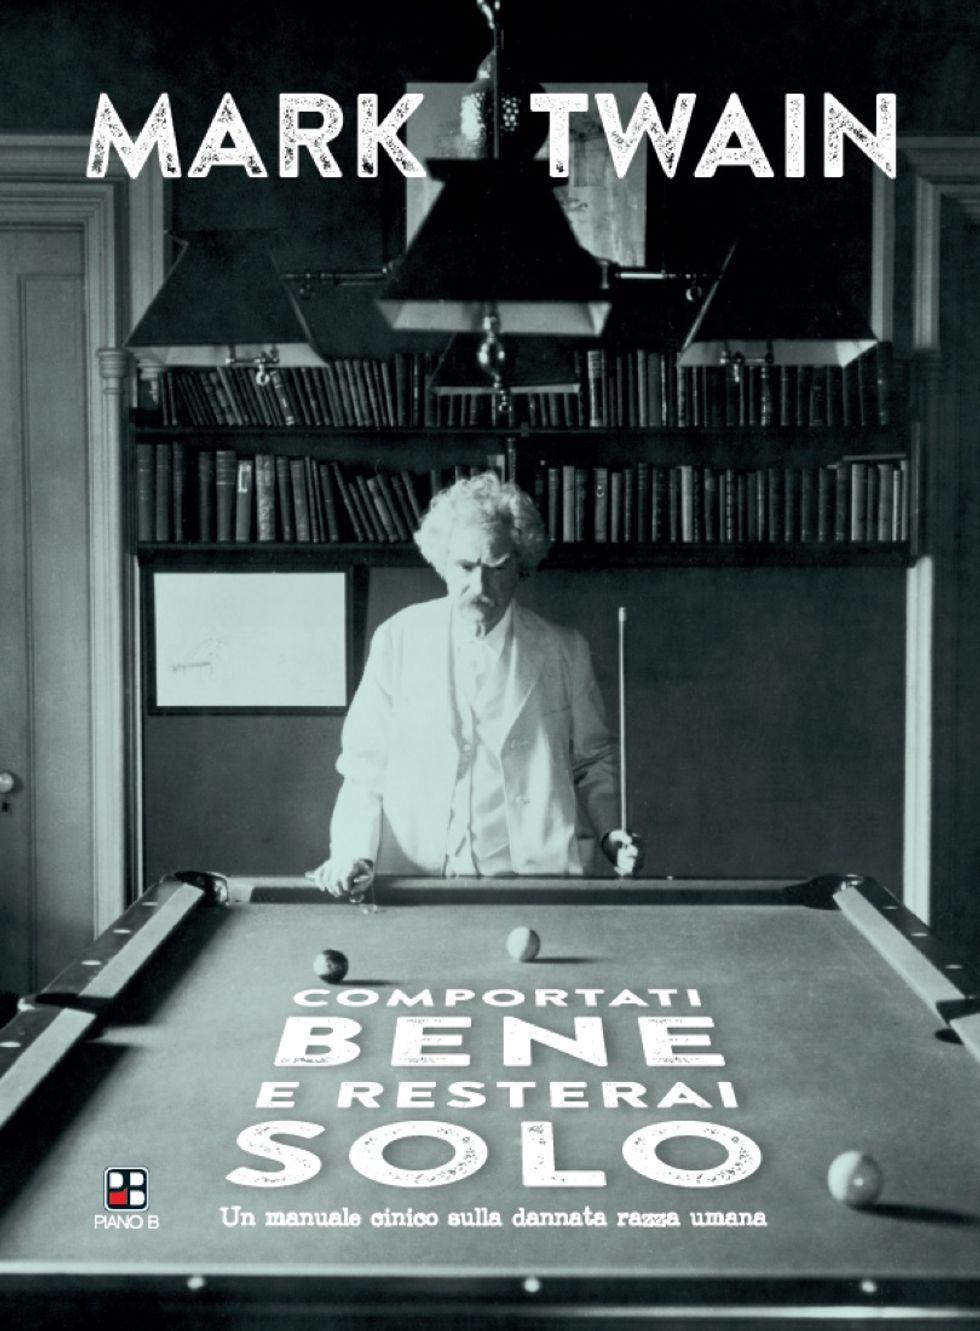 Mark Twain, cinico, sarcastico esploratore dell'animo umano